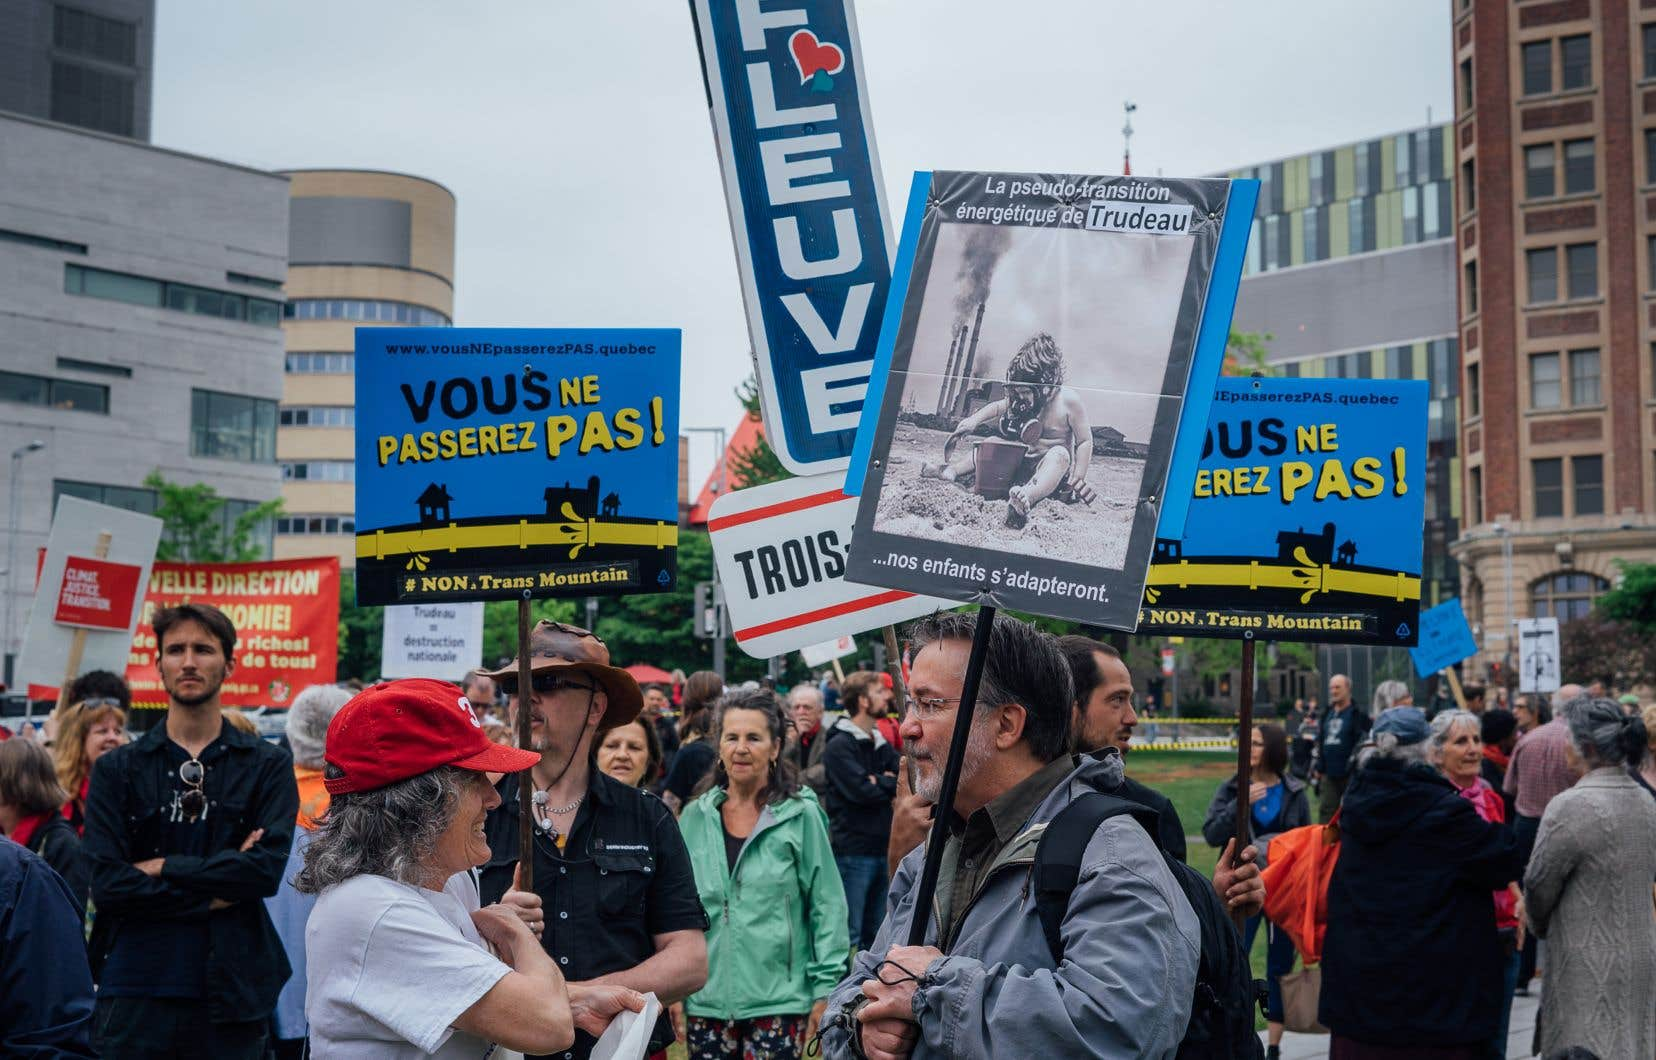 Abrités sous des parapluies qui s'ouvraient et se fermaient au gré de l'intensité de l'averse, les manifestants ont écouté des discours, des prières et des chants de représentants d'organisations environnementales, de nations autochtones, de syndicats du Québec et autres mouvements sociaux.